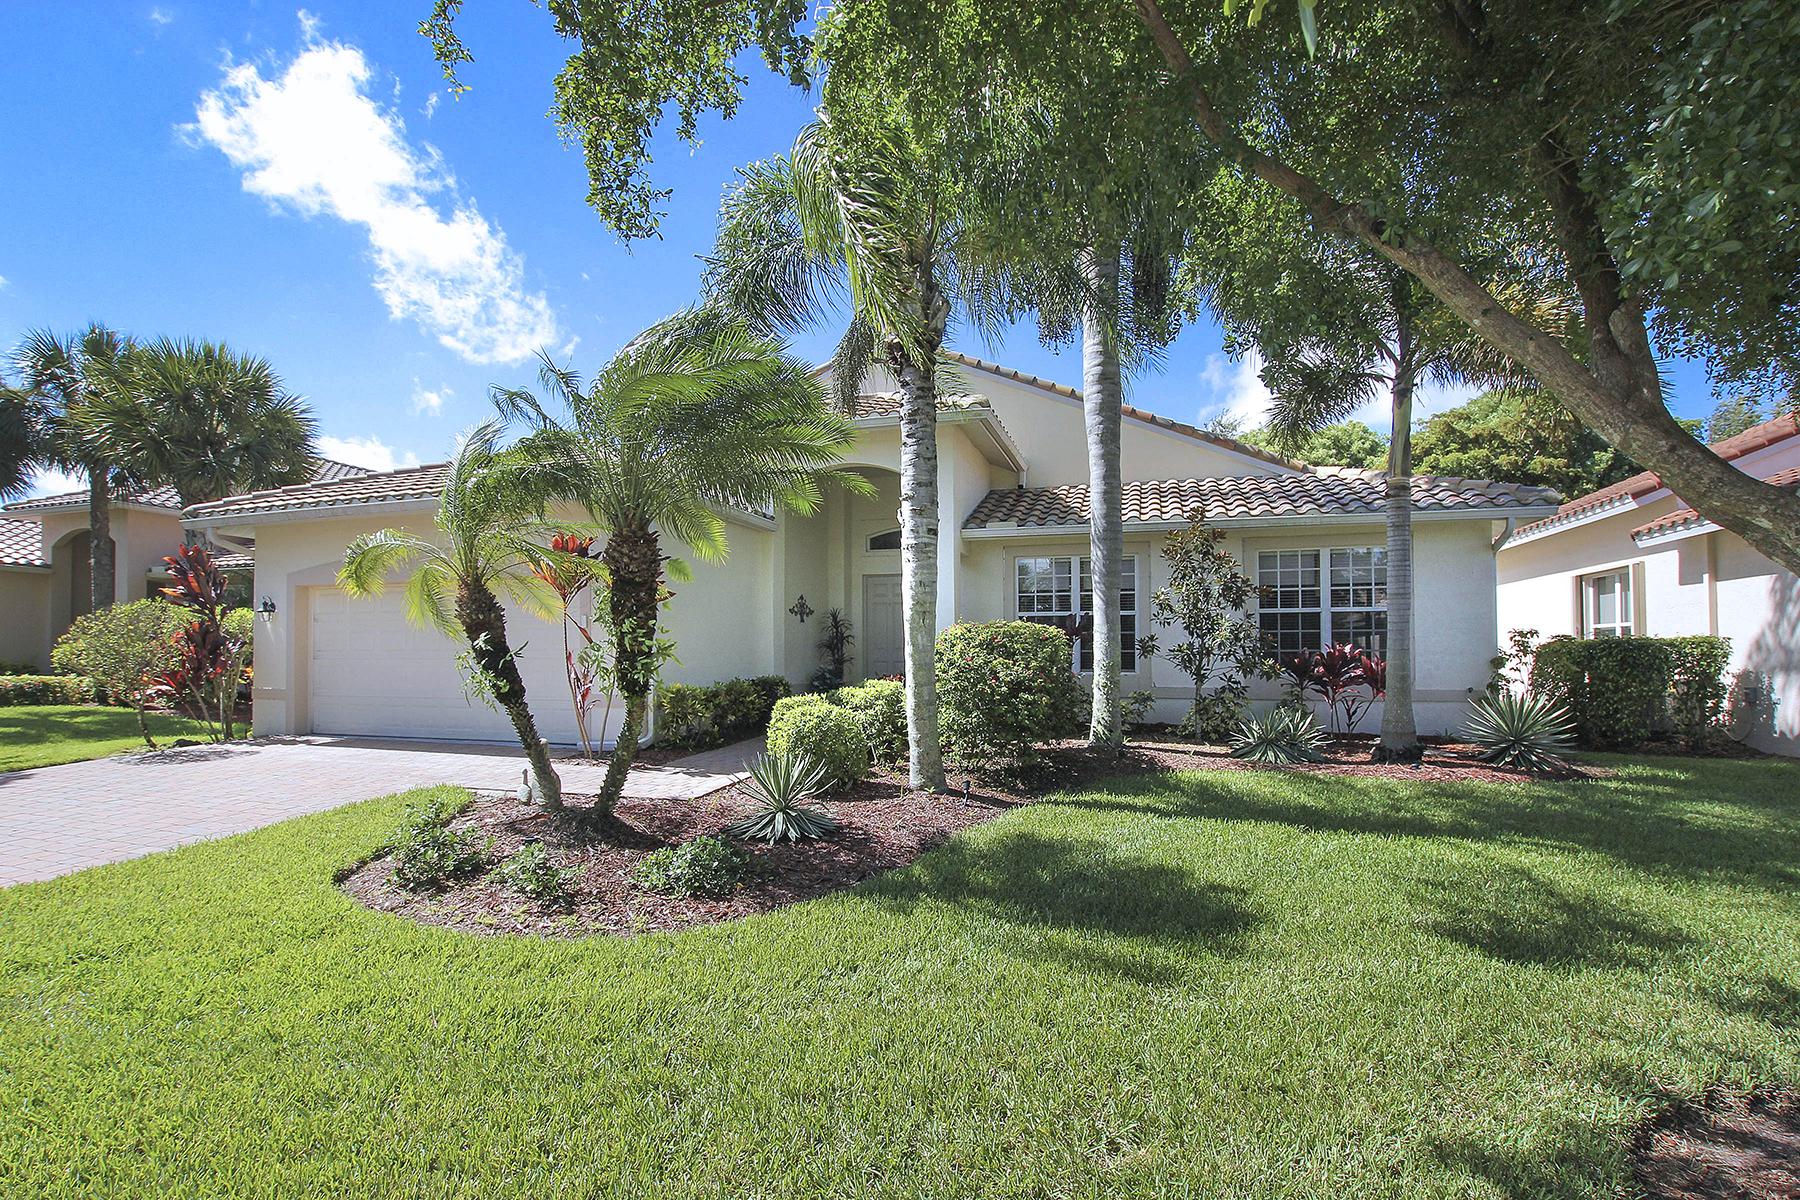 Moradia para Venda às ESTERO 20438 Foxworth Cir Estero, Florida, 33928 Estados Unidos